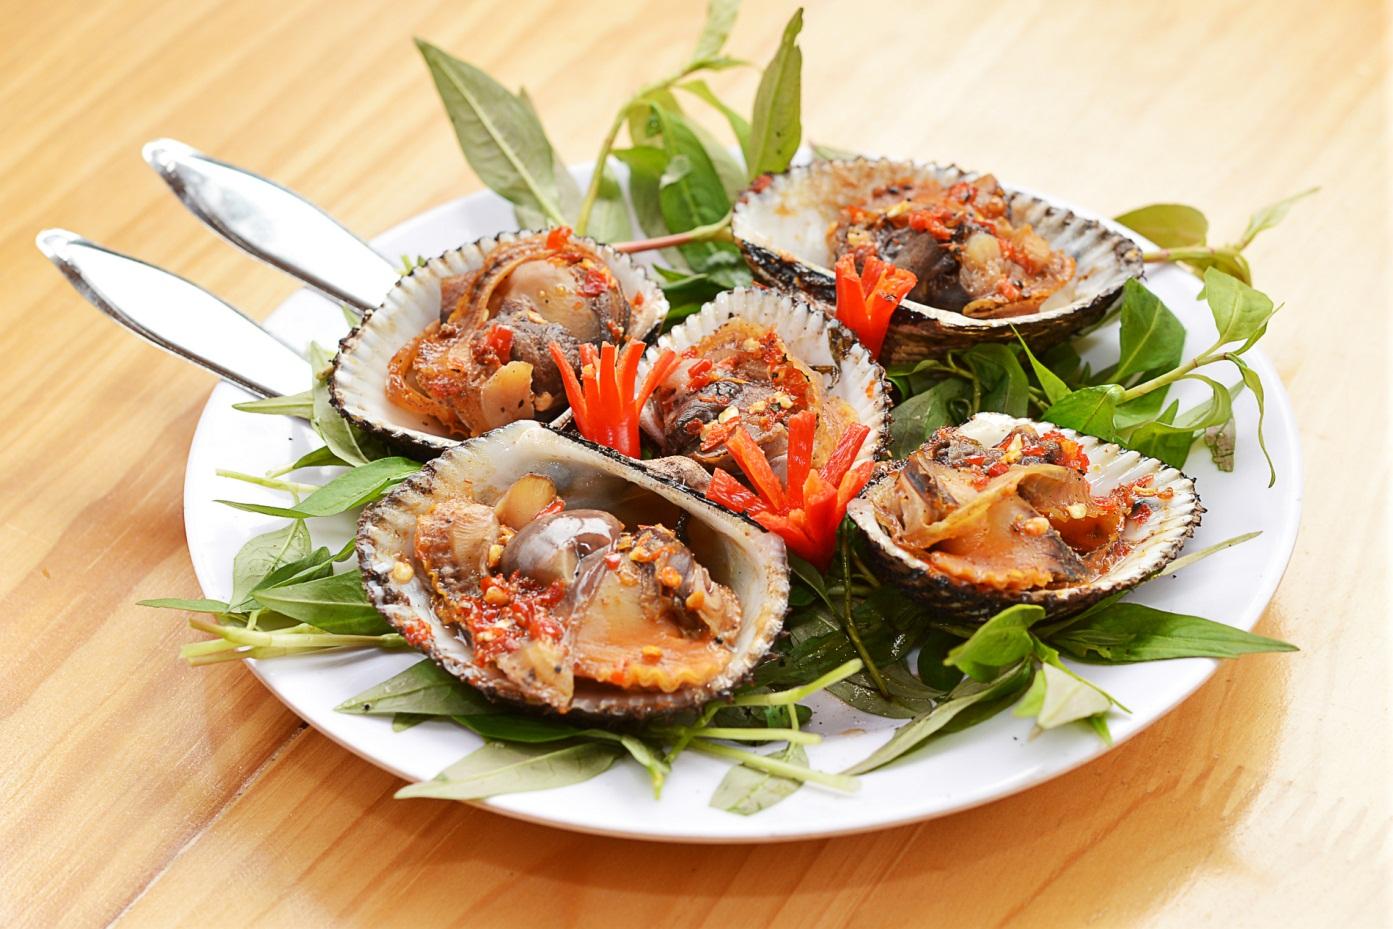 10 Nhà hàng Phan Thiết Mũi Né ngon nổi tiếng đáng để thưởng thức